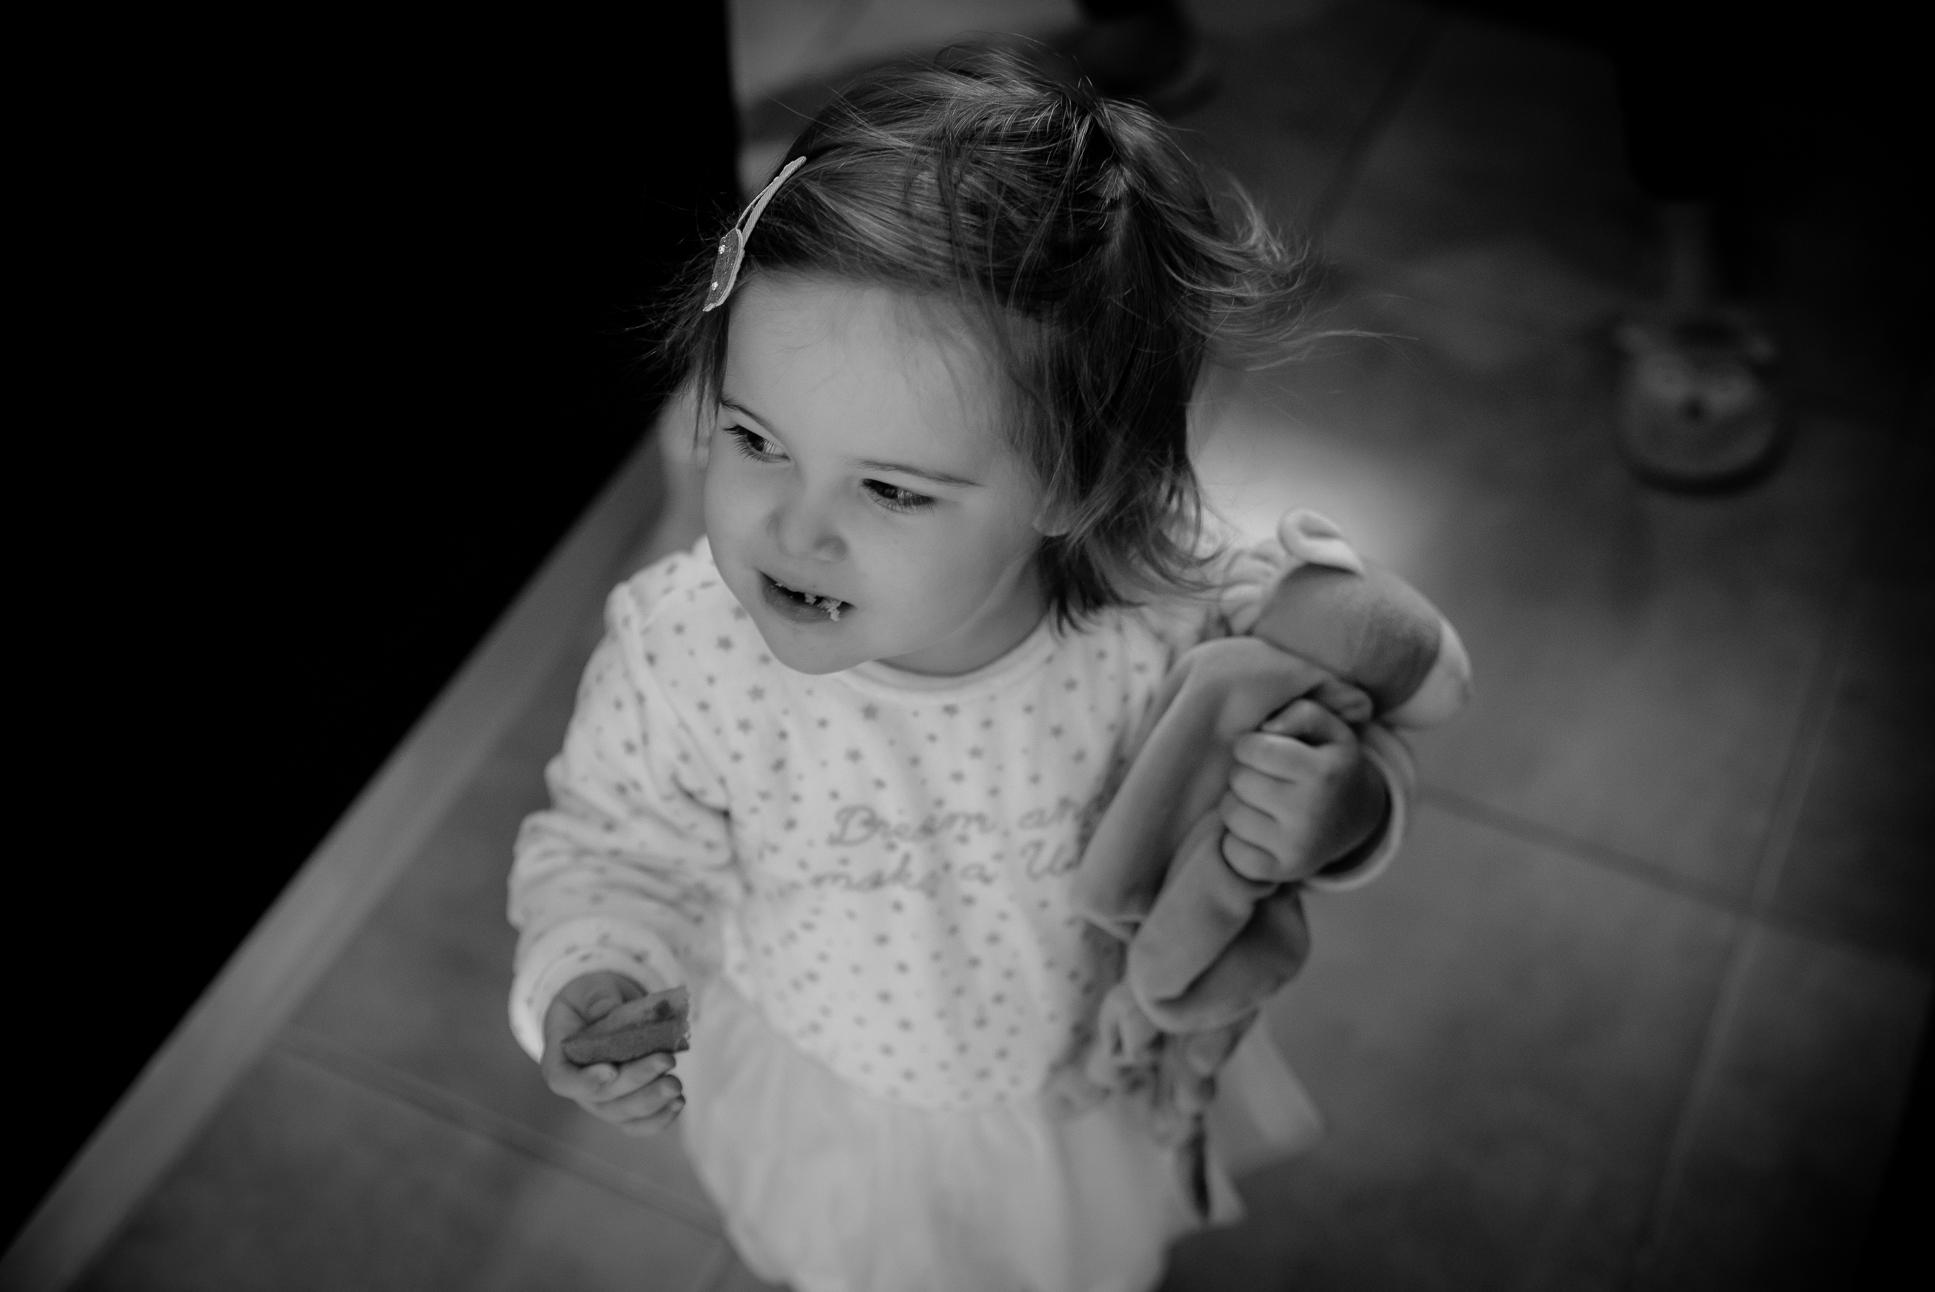 Bébé vole un gâteau